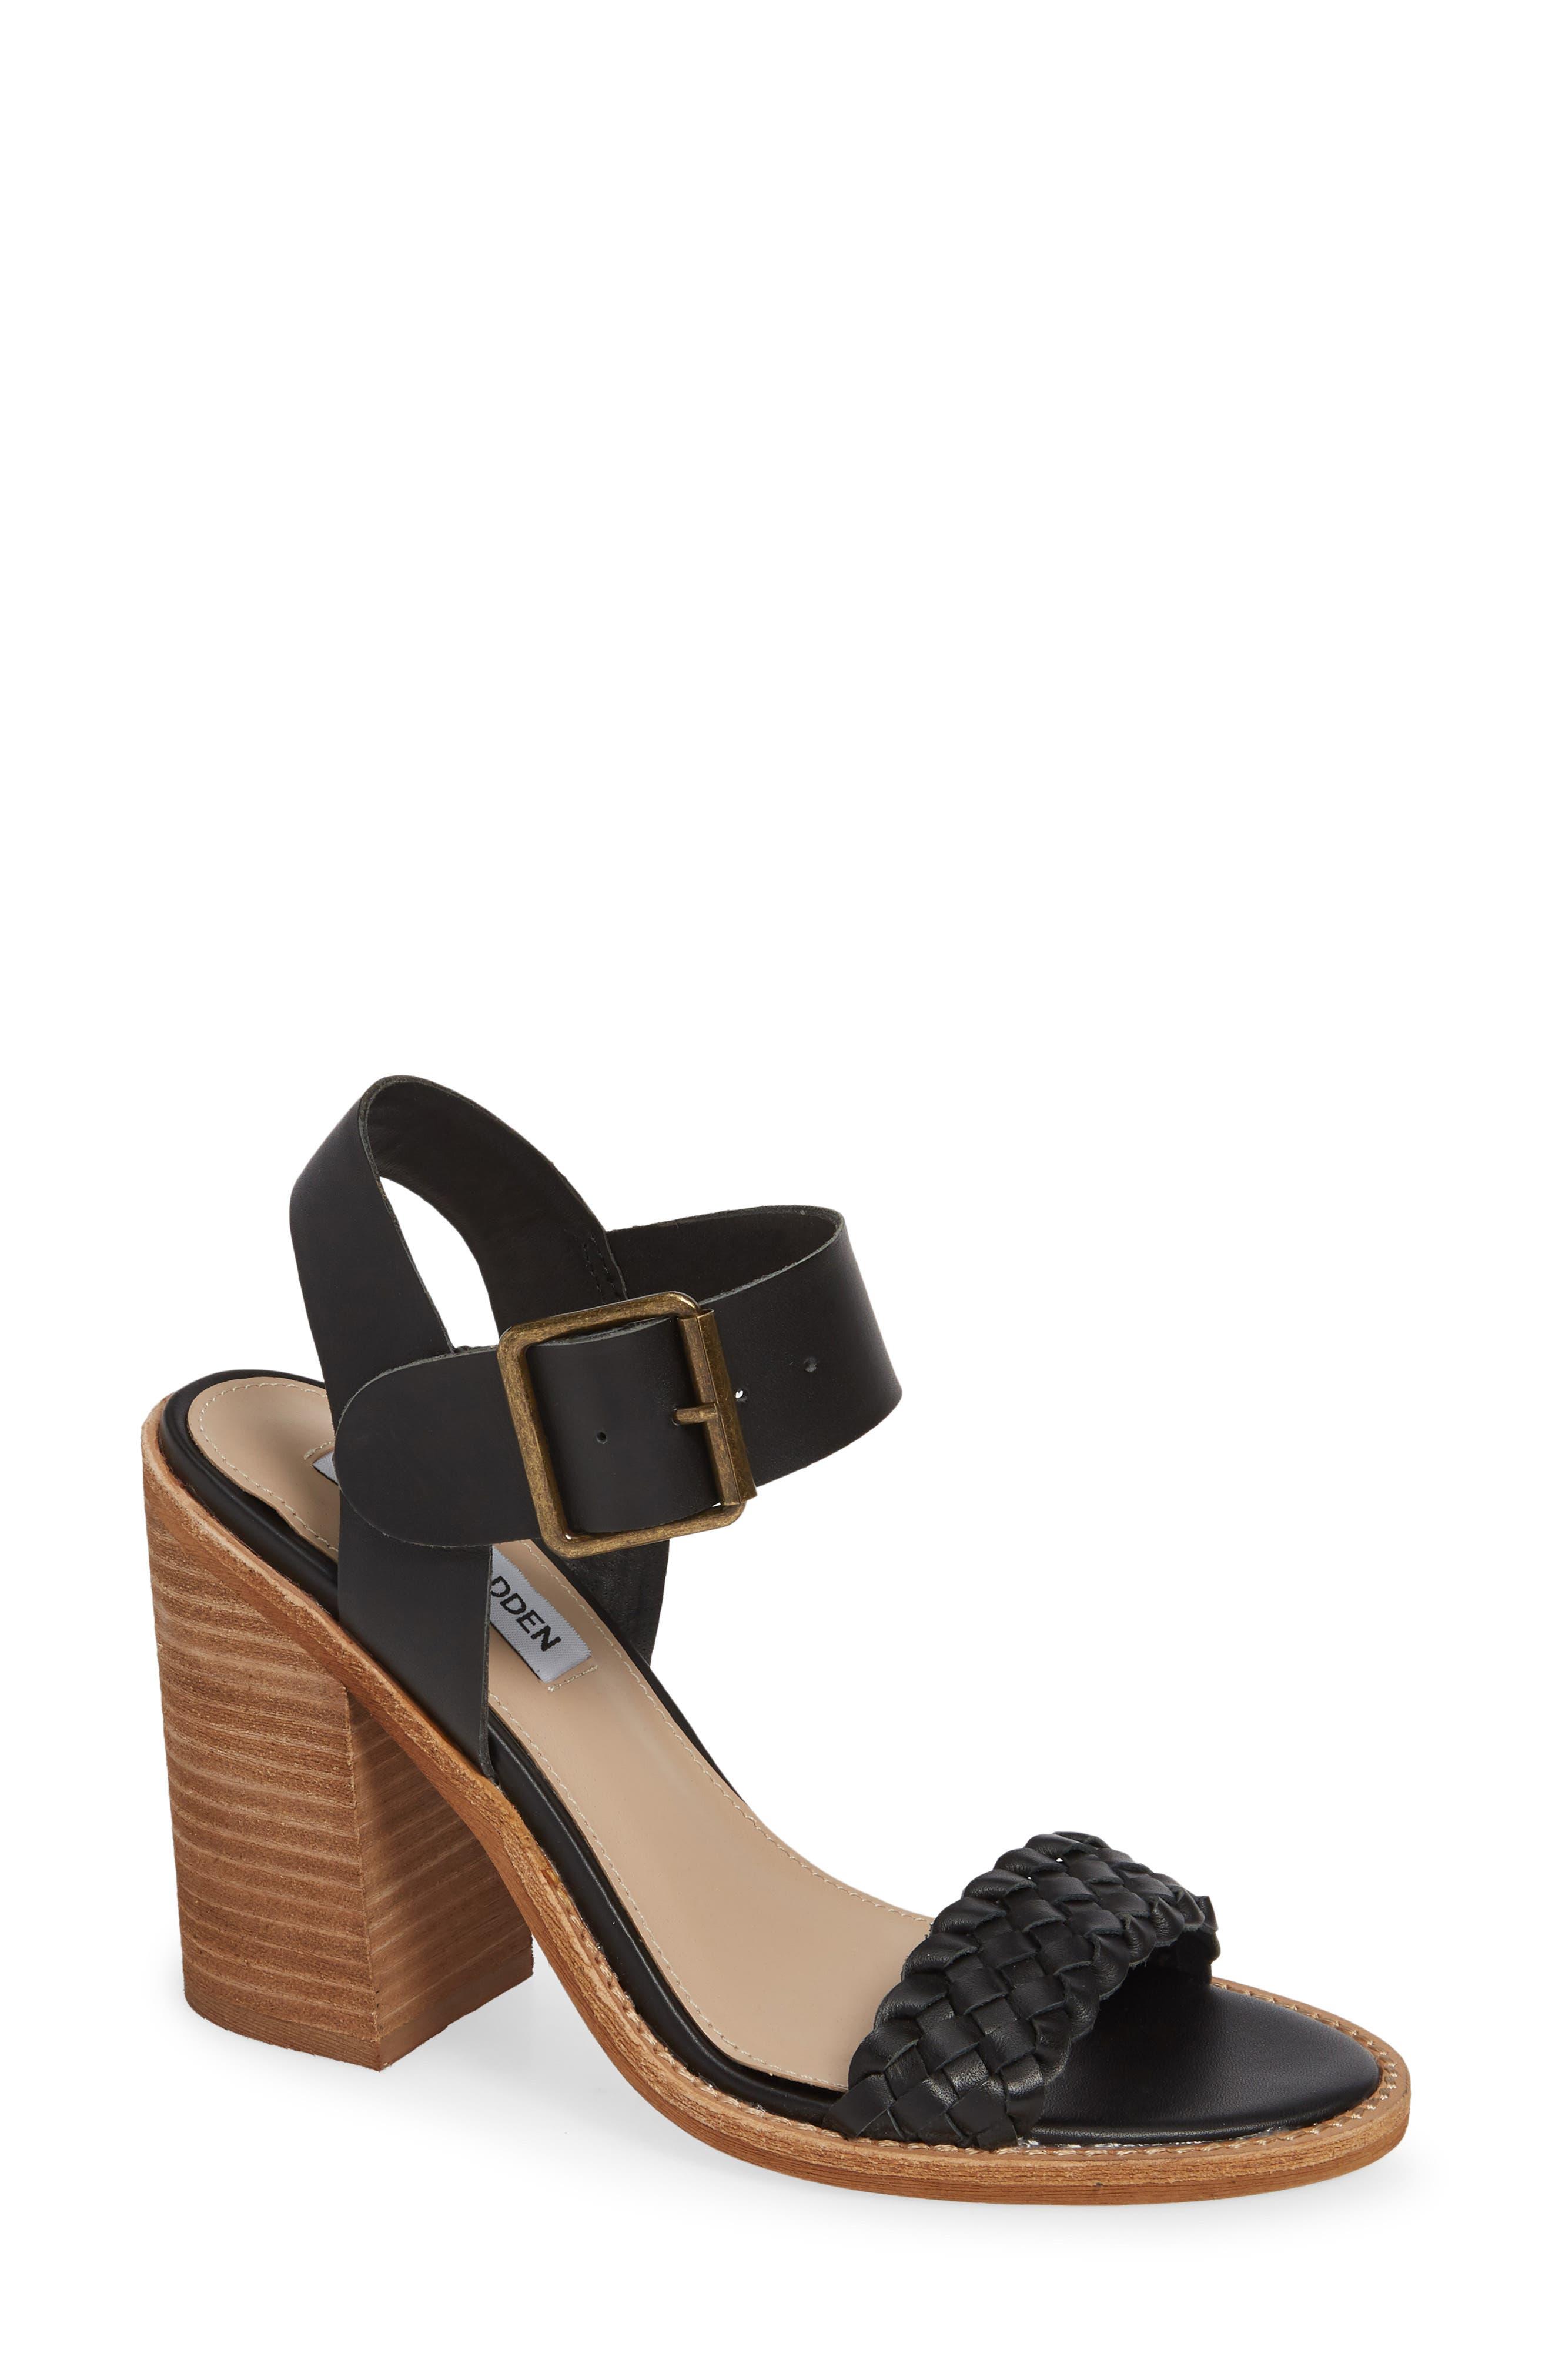 STEVE MADDEN Cadence Sandal, Main, color, BLACK LEATHER